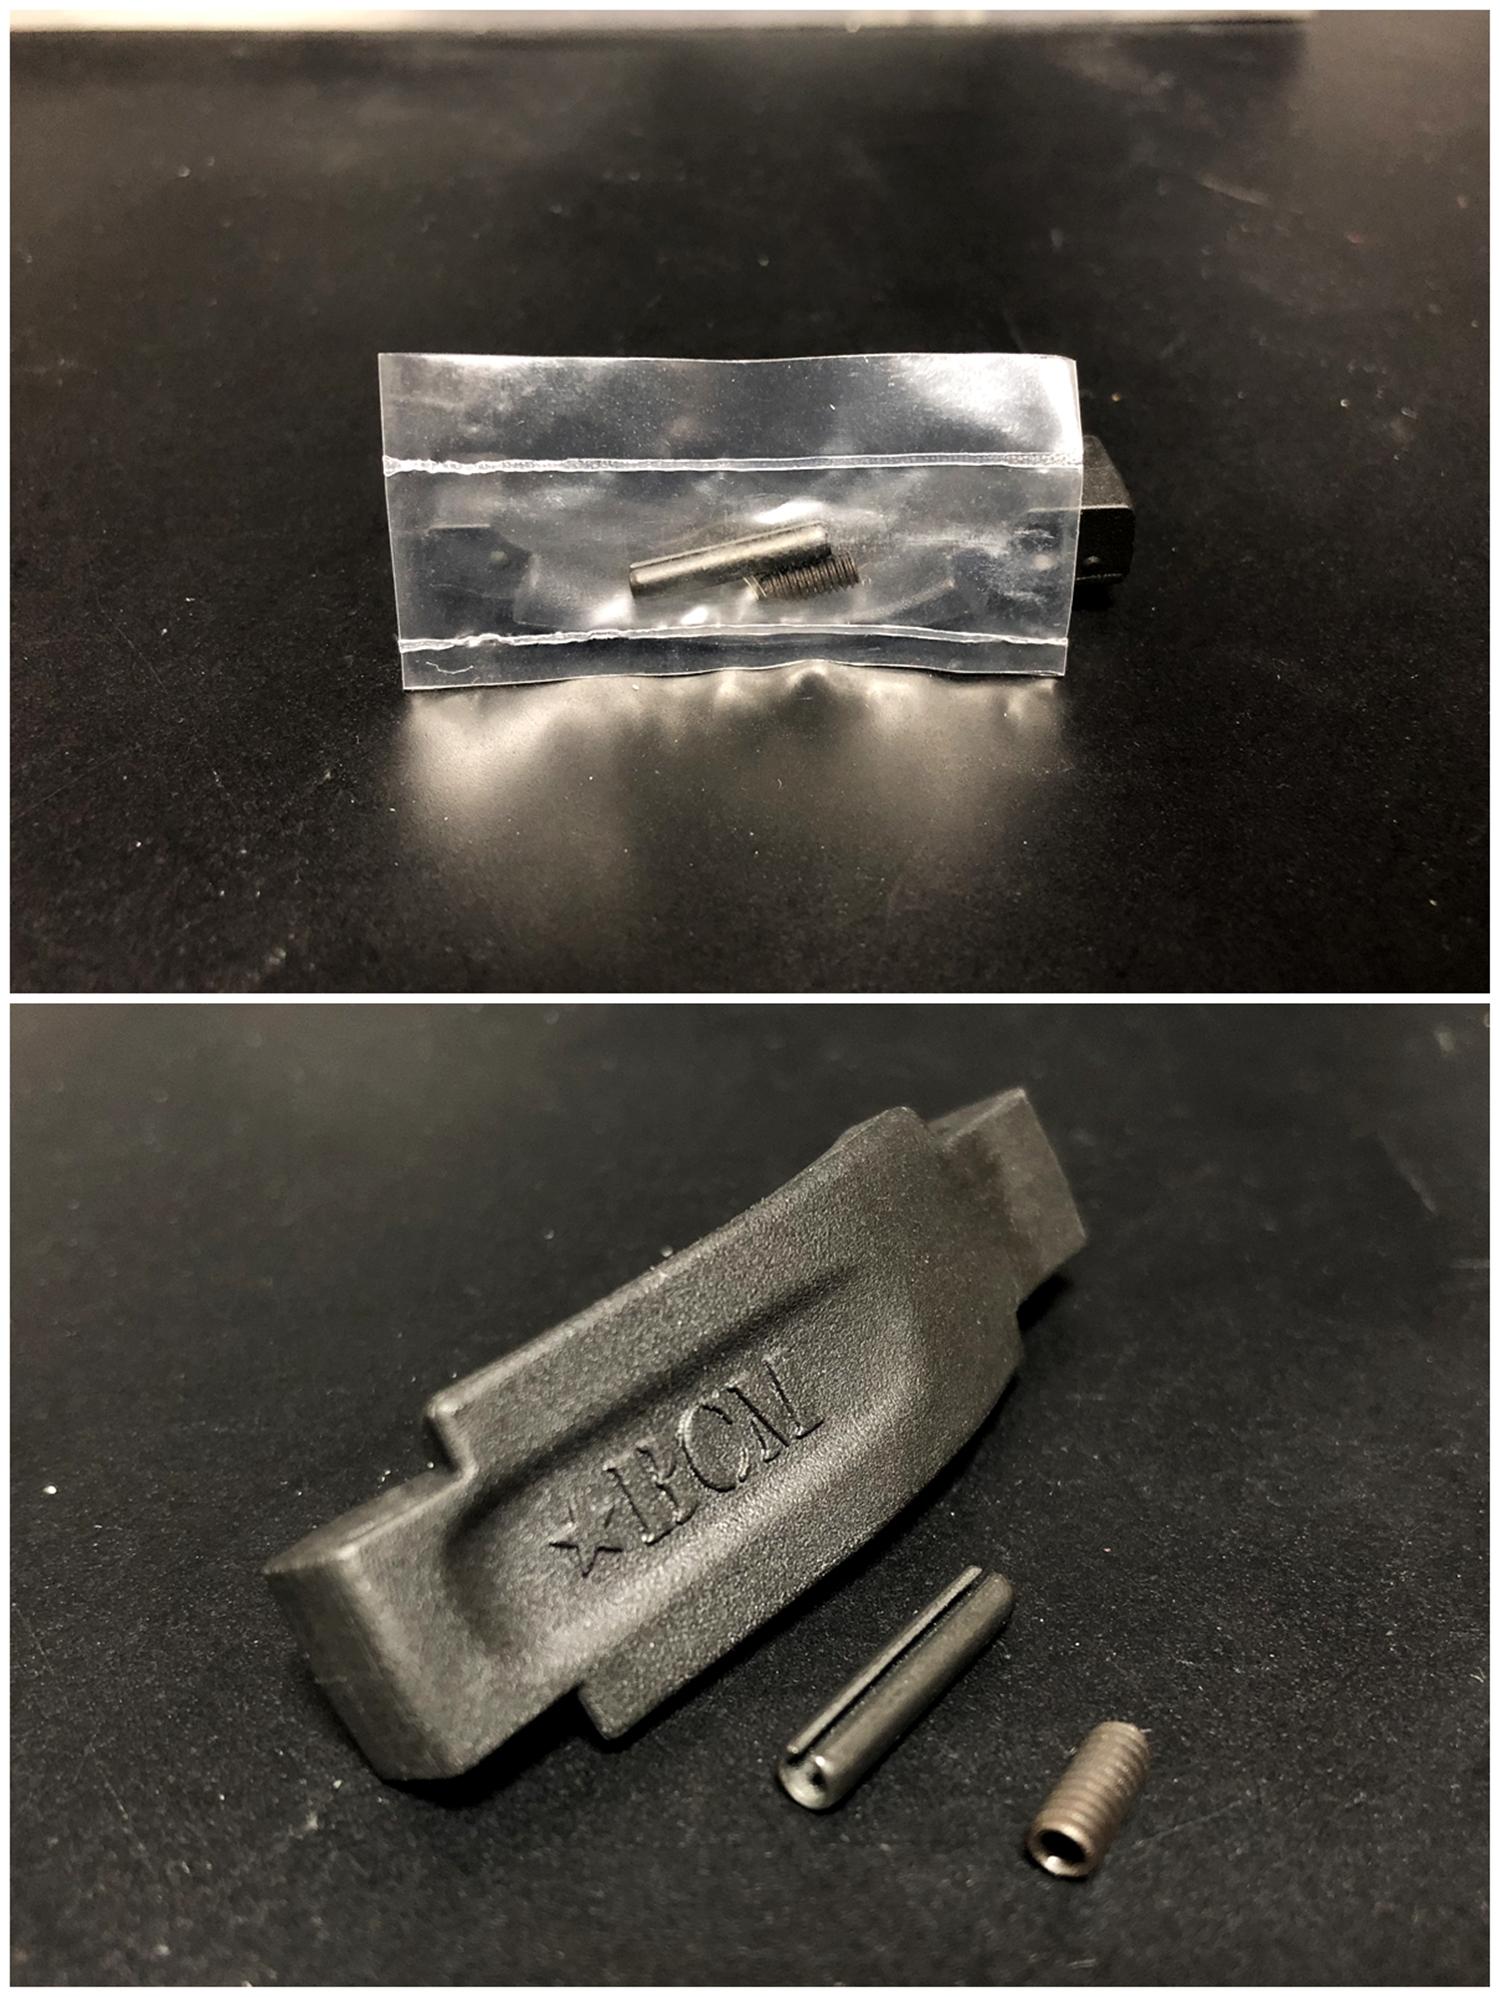 5 実物 BCM GUNFIGHTER TRIGGR GUARD MOD 0 ガンファイタートリガーガード 次世代電動ガンに実物トリガーガードを取付けてやる!! 開封 3Dプリント DIY 加工 交換 取付 正規品 新品 カスタム レビュー